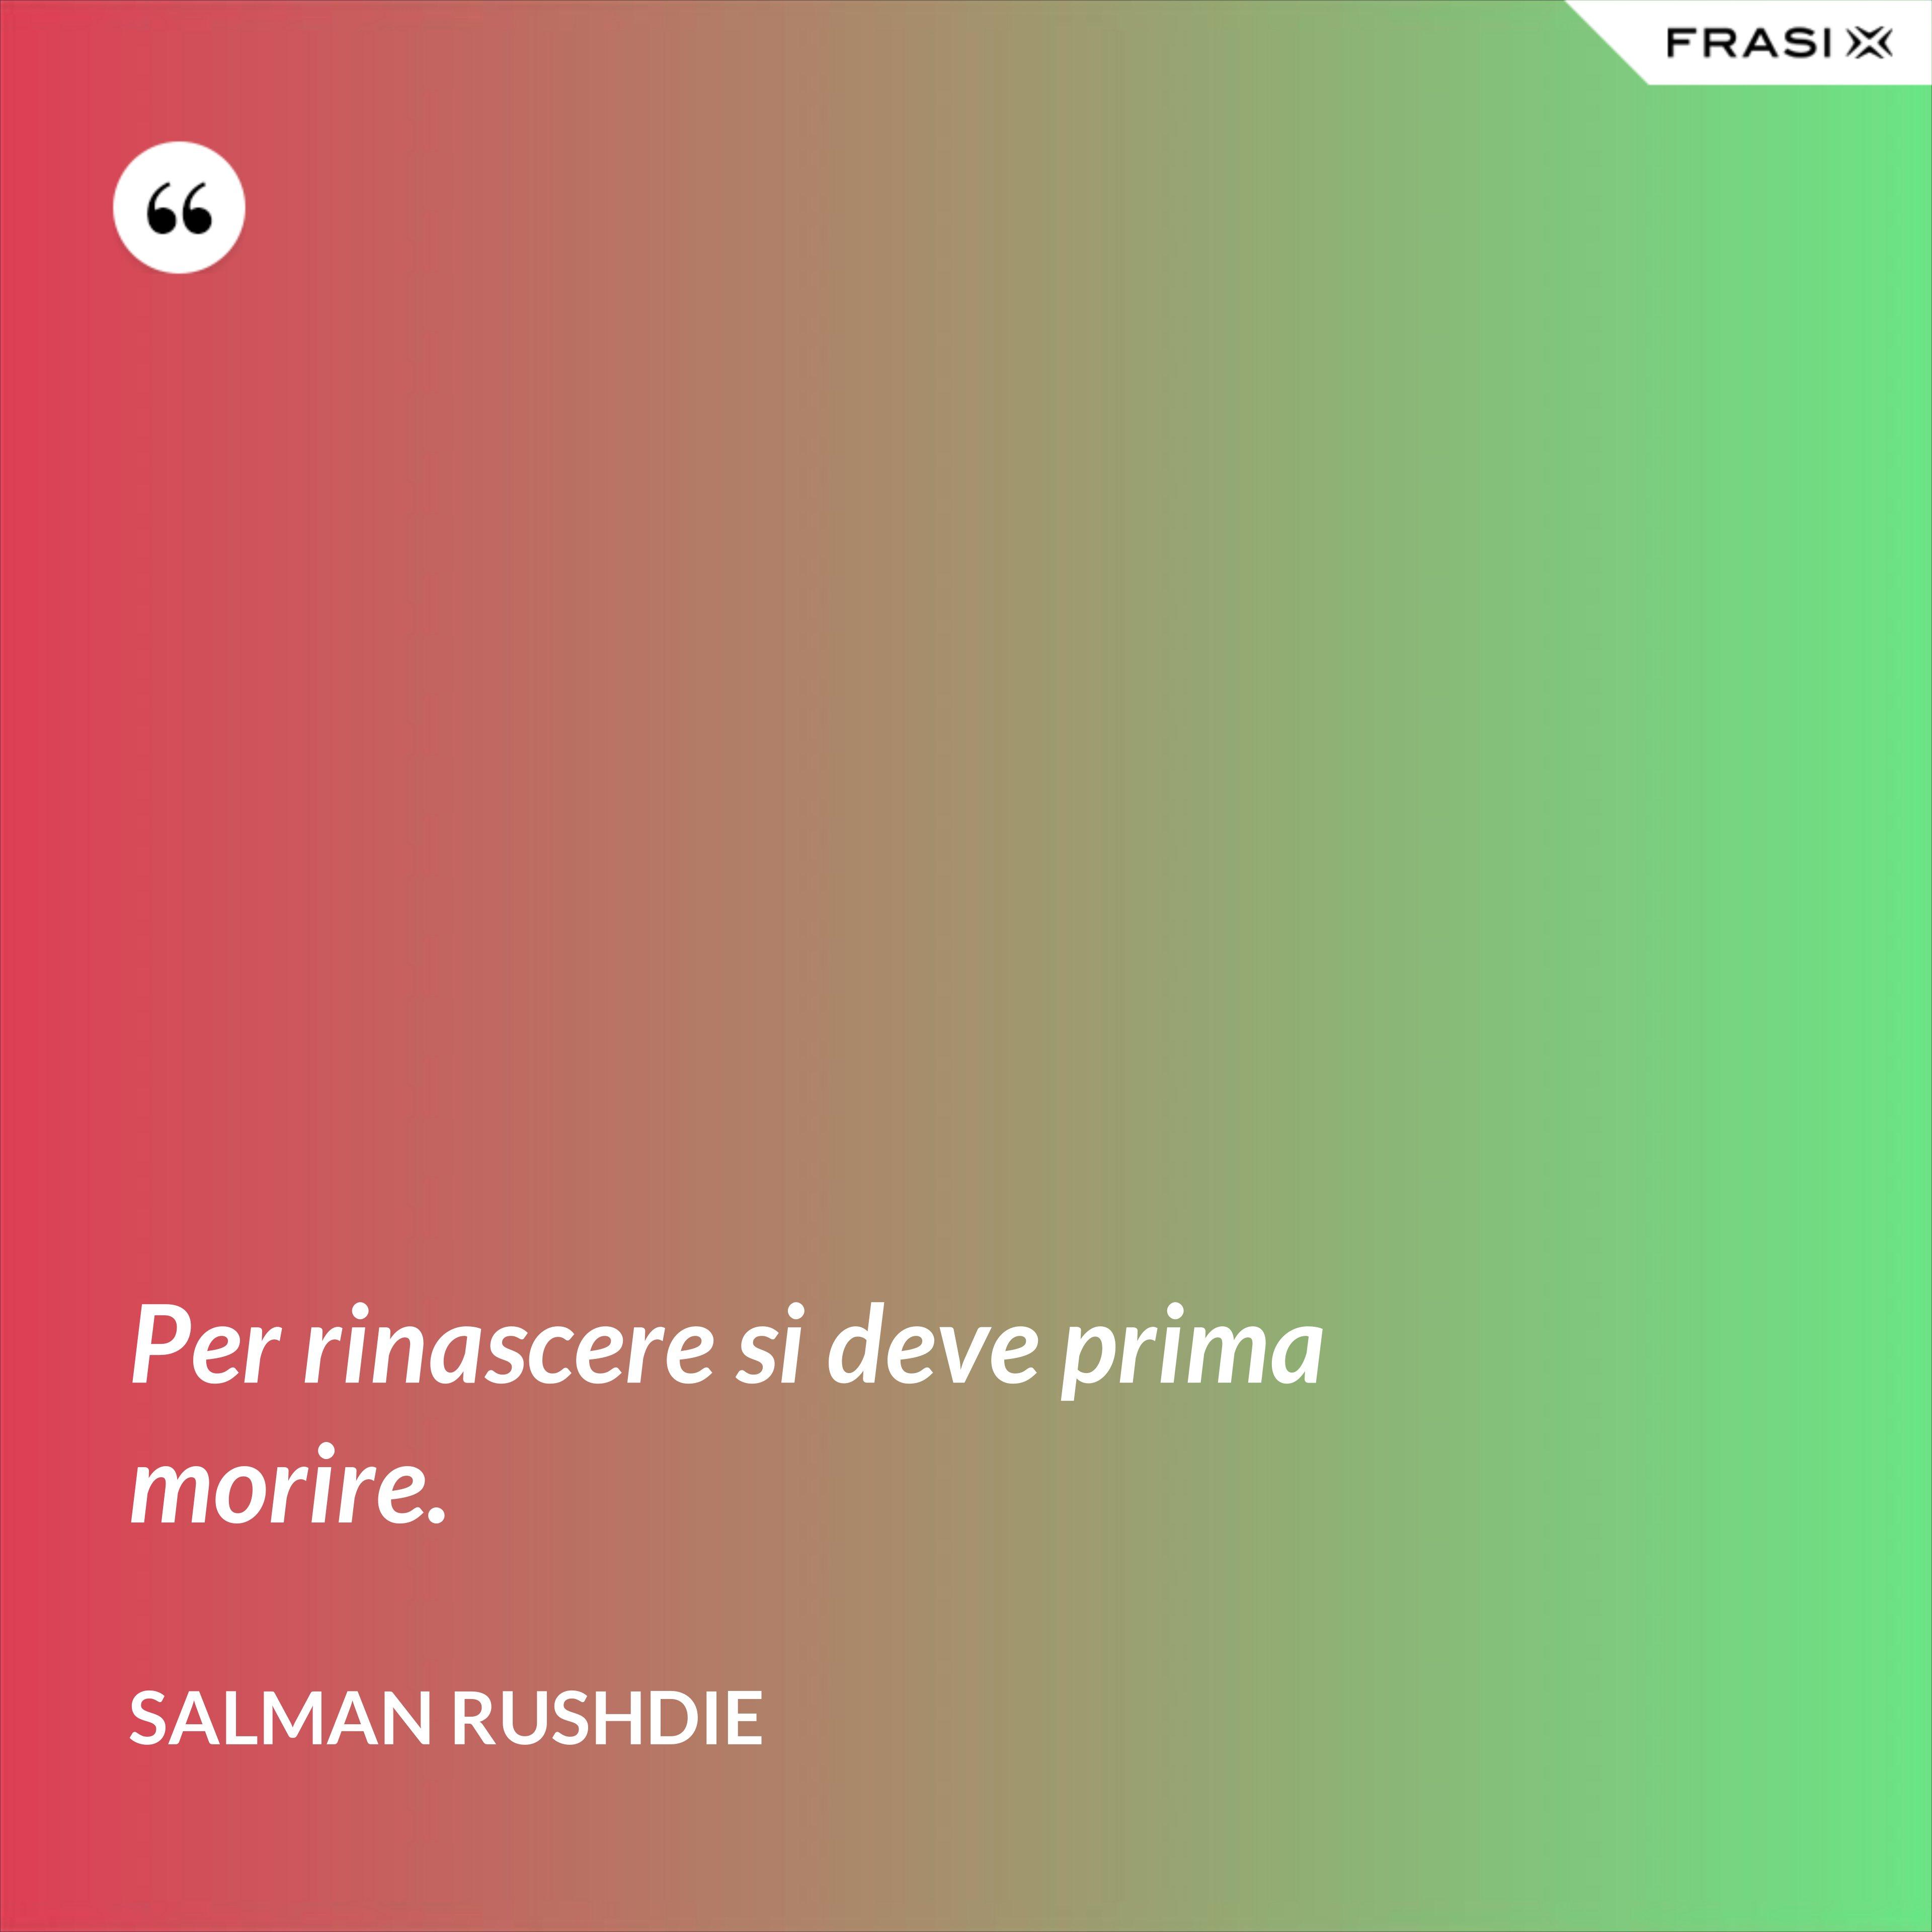 Per rinascere si deve prima morire. - Salman Rushdie